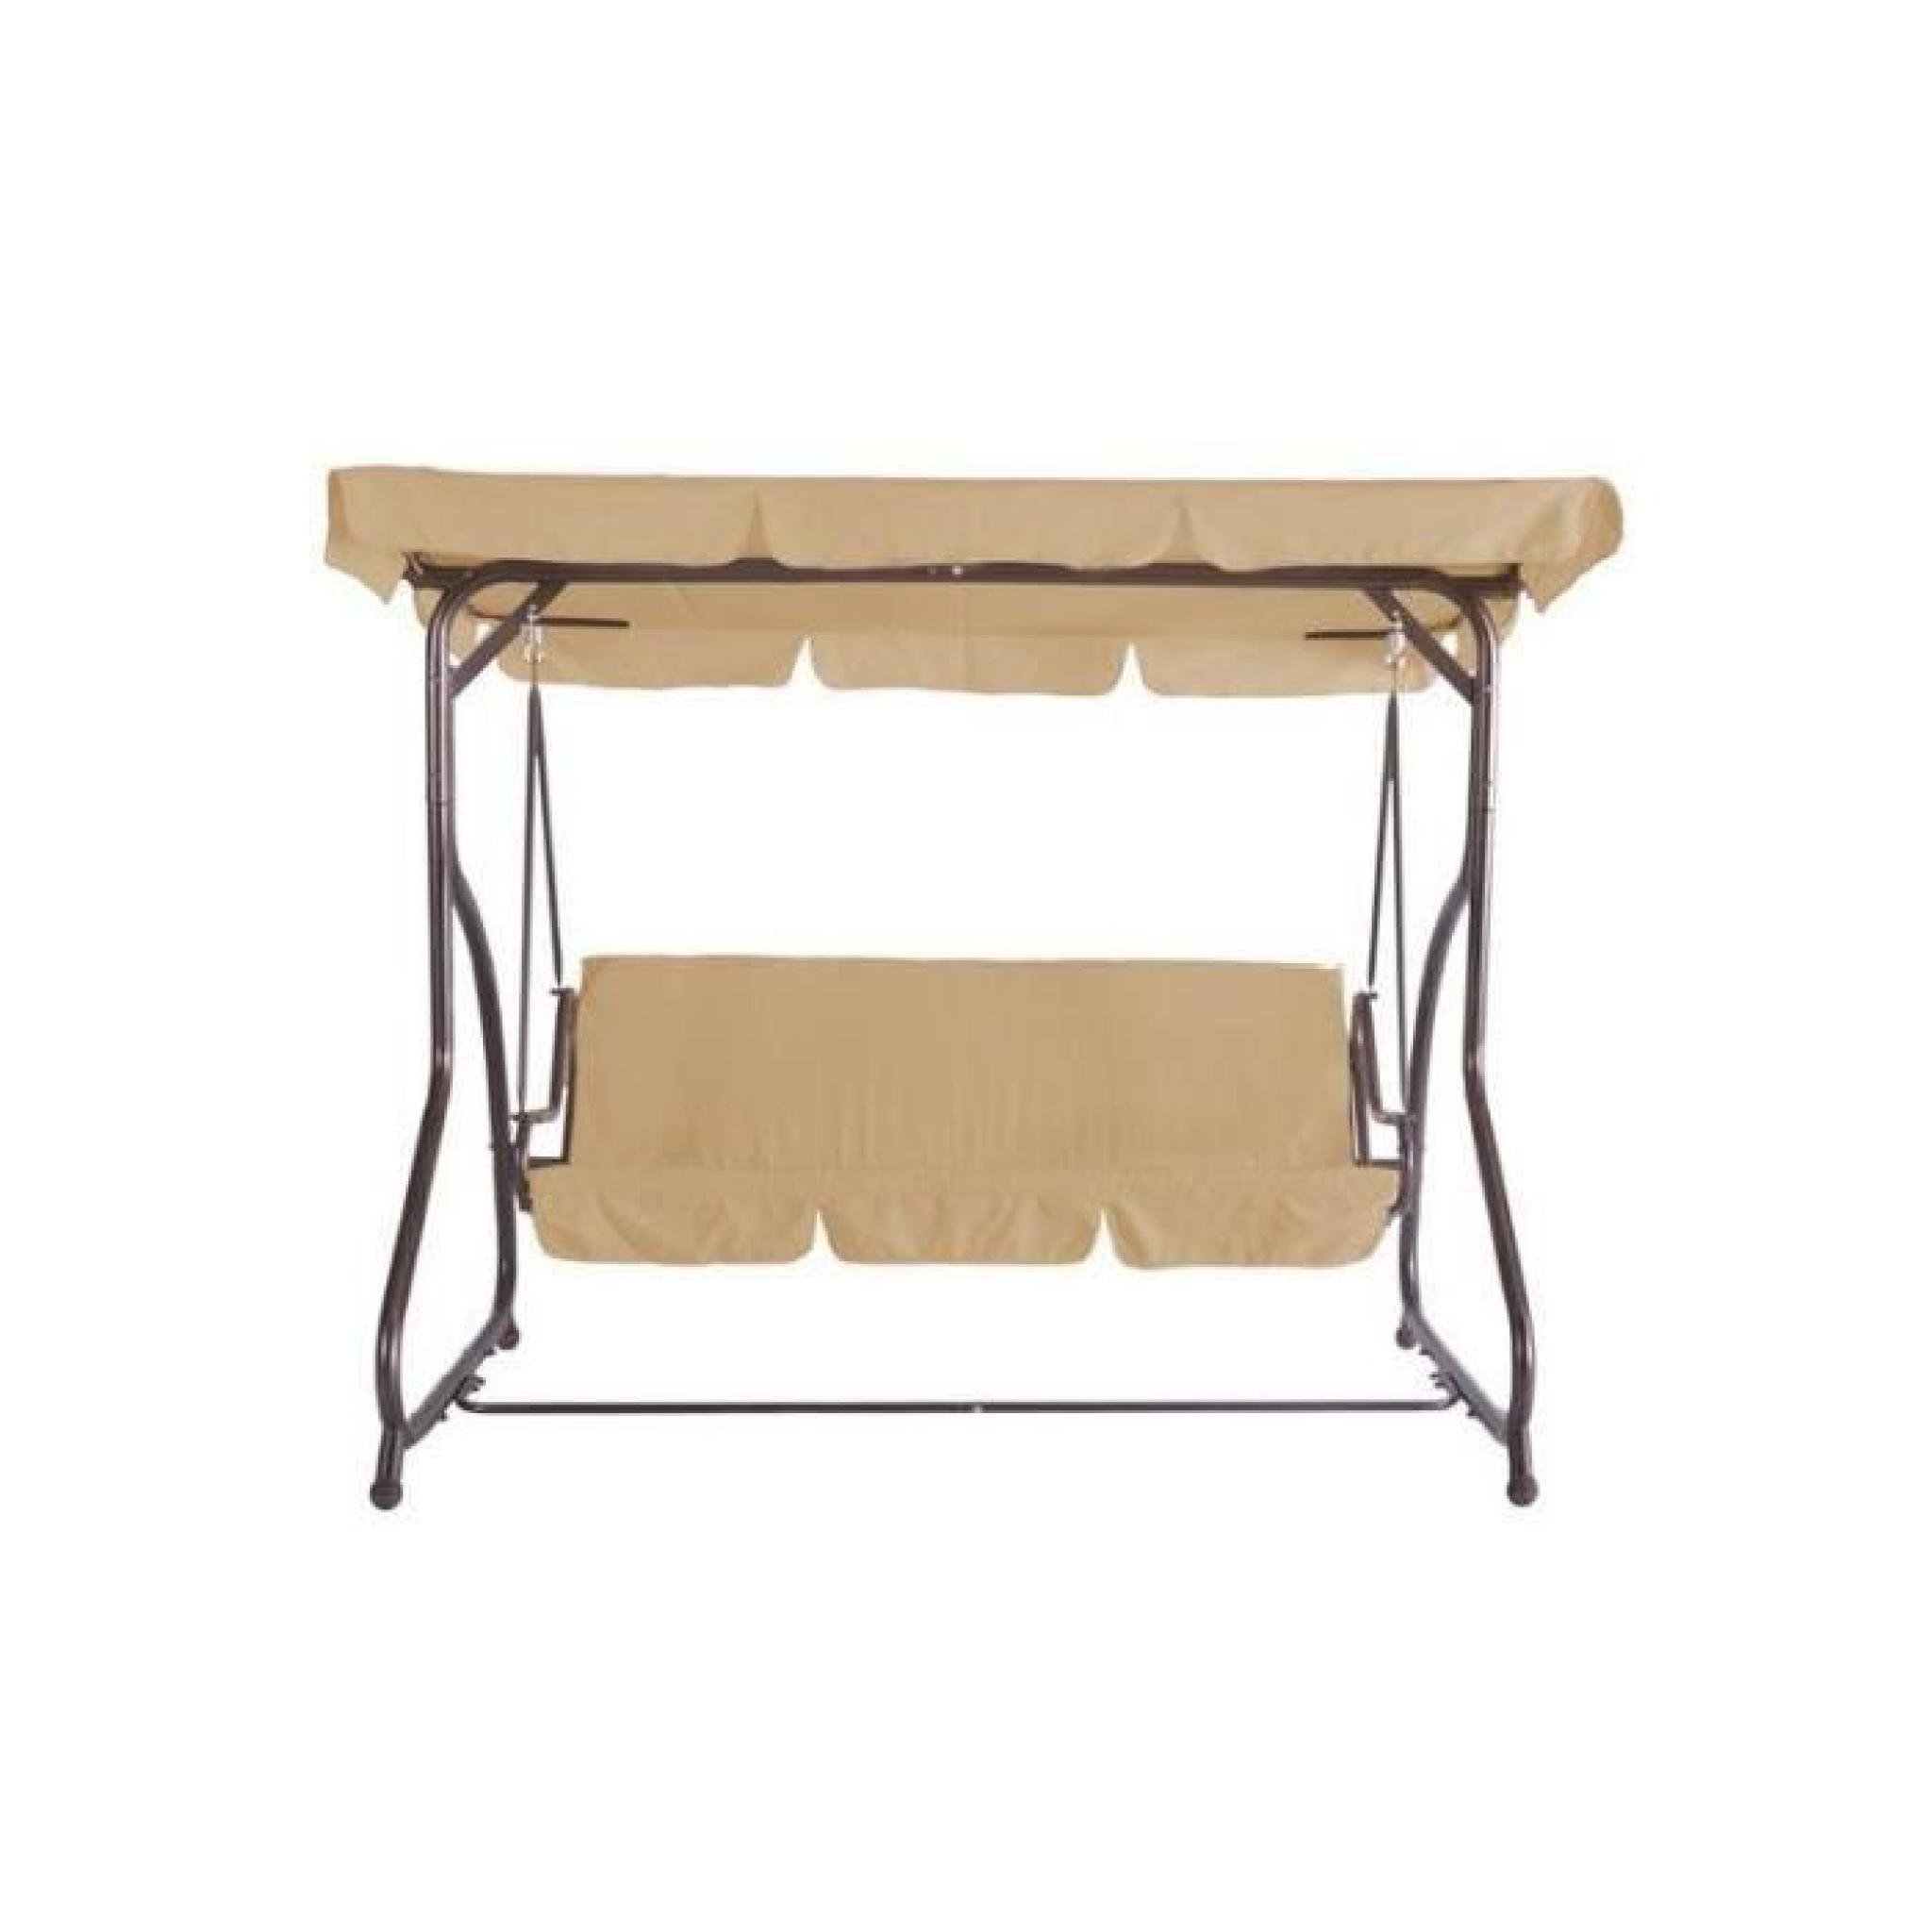 Balancelle Couverte Luxe Canapé Meuble De Jardin Beige 2201020 dedans Balancelle De Jardin Pas Cher